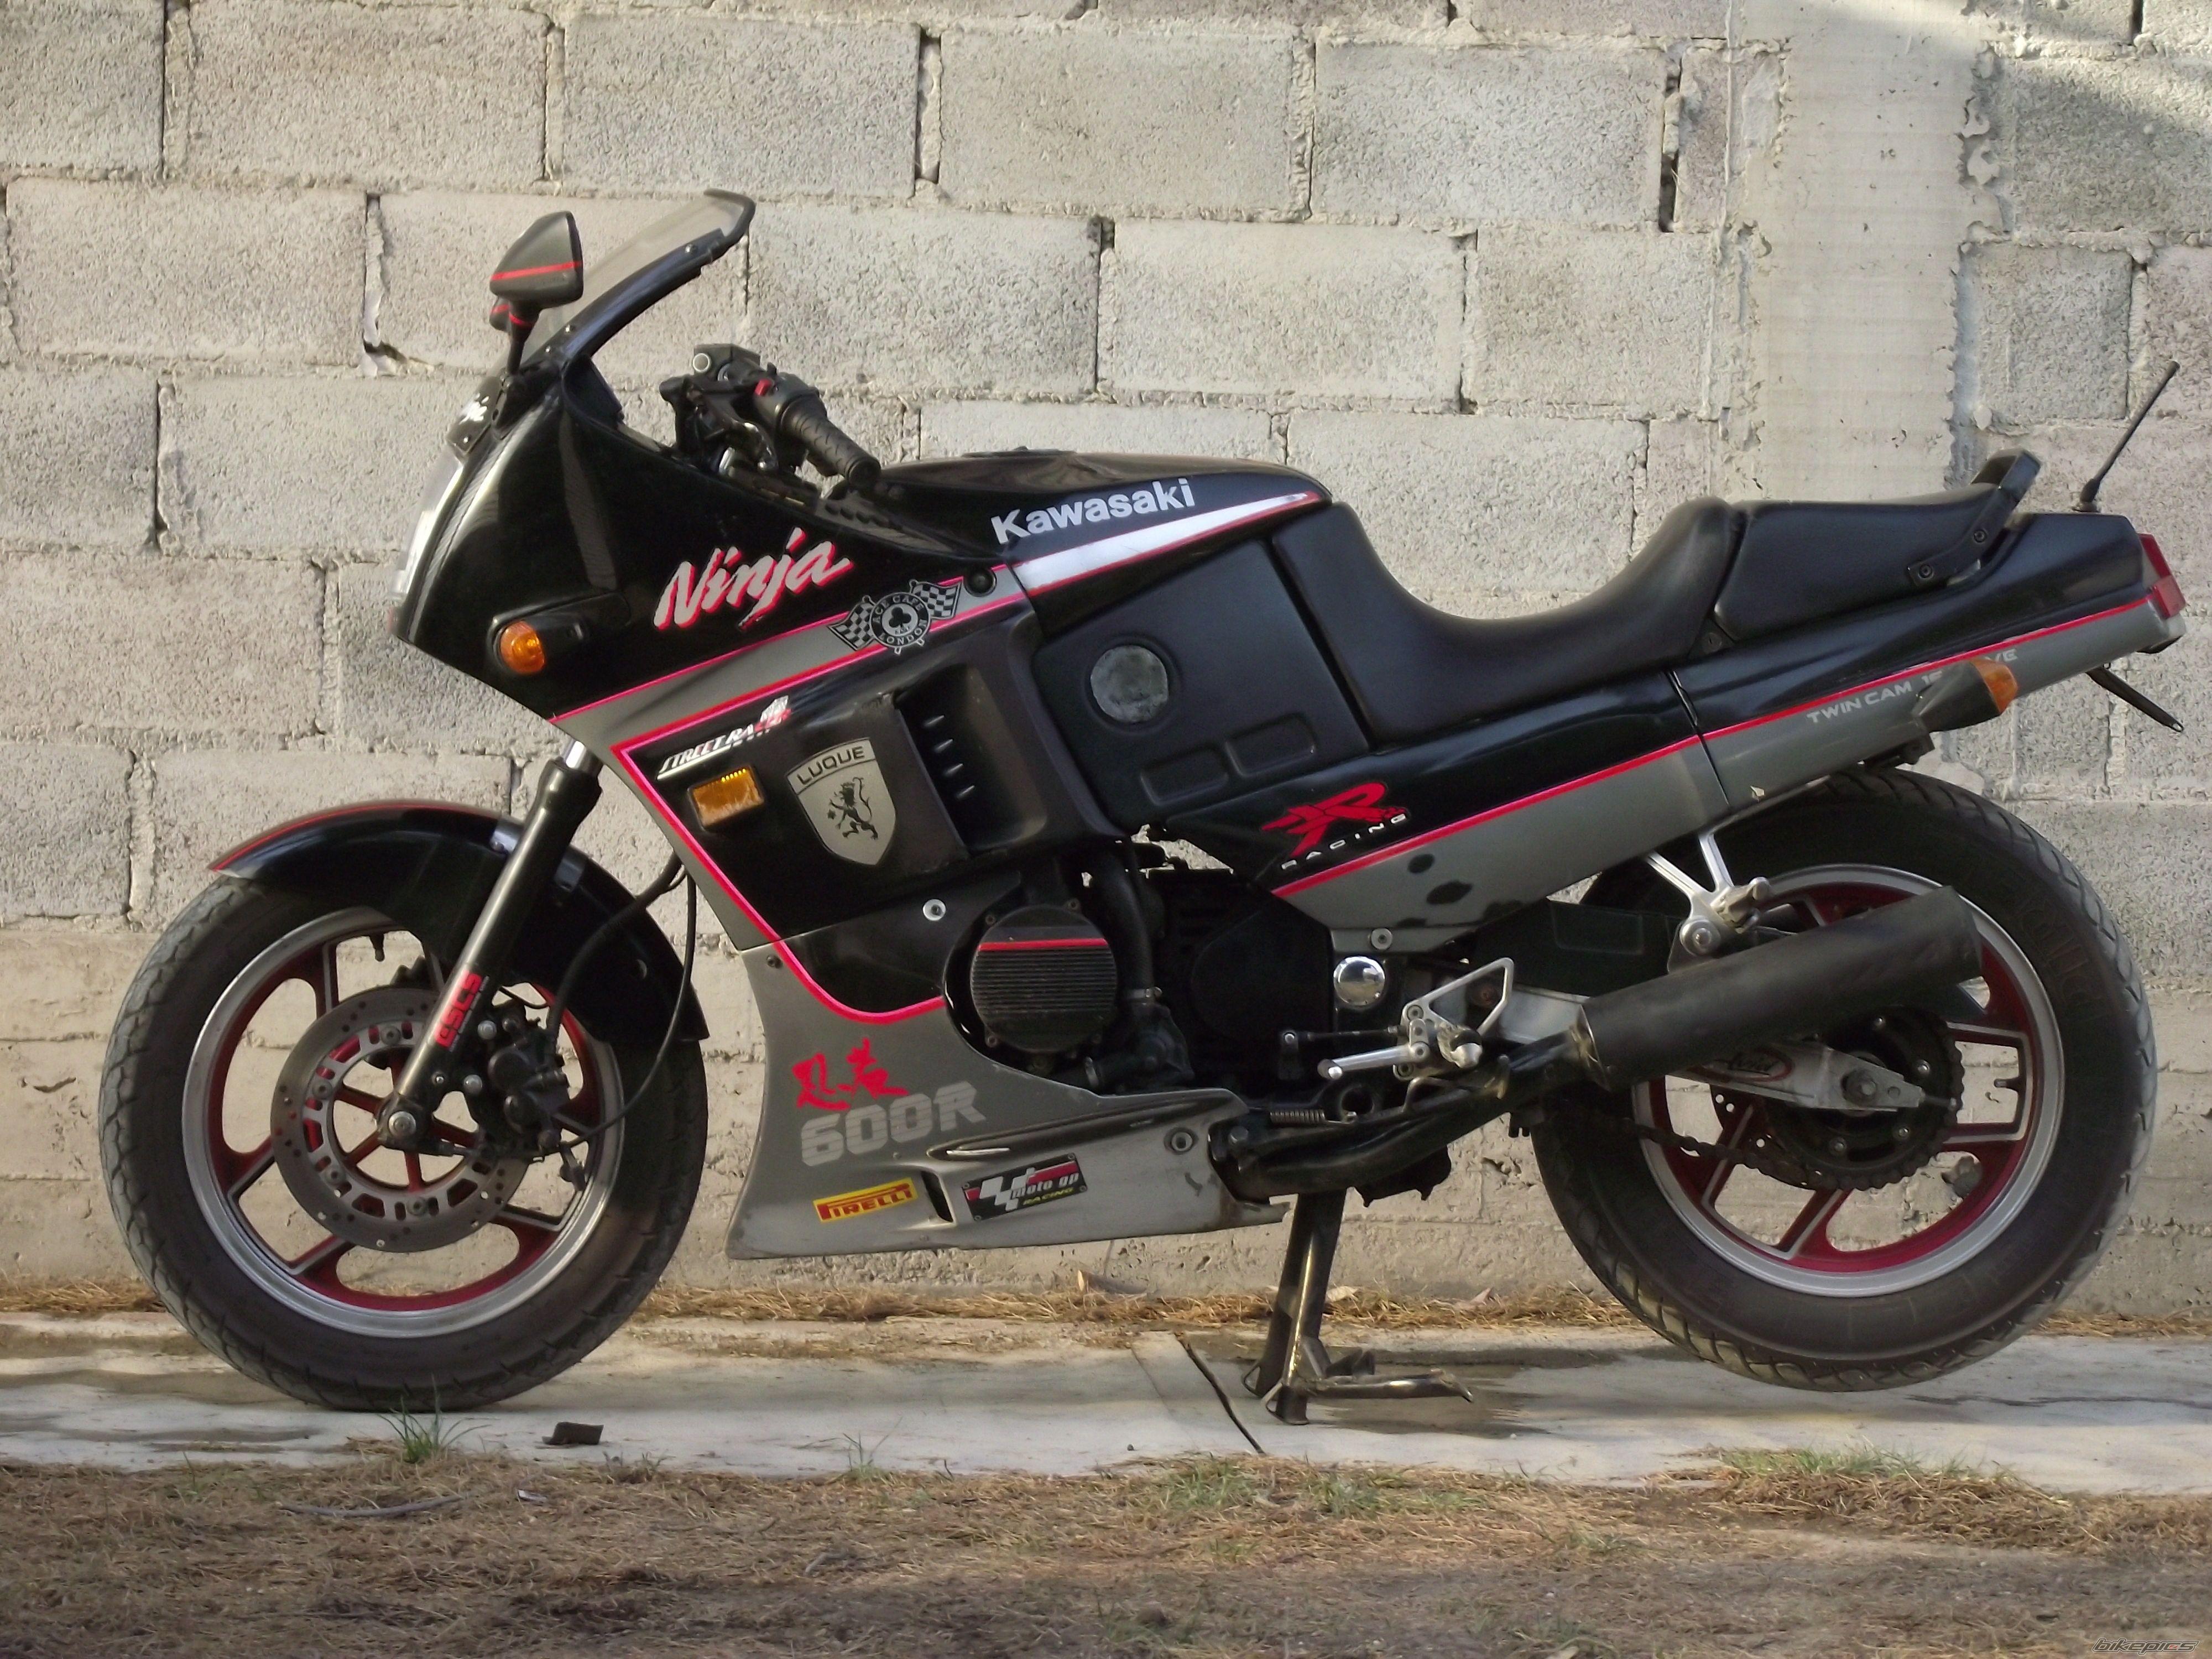 kawasaki gpx 600r ninja 2 wheeler world pinterest sportbikes rh pinterest com 1984 Kawasaki GPZ 900 Kawasaki GPZ 750